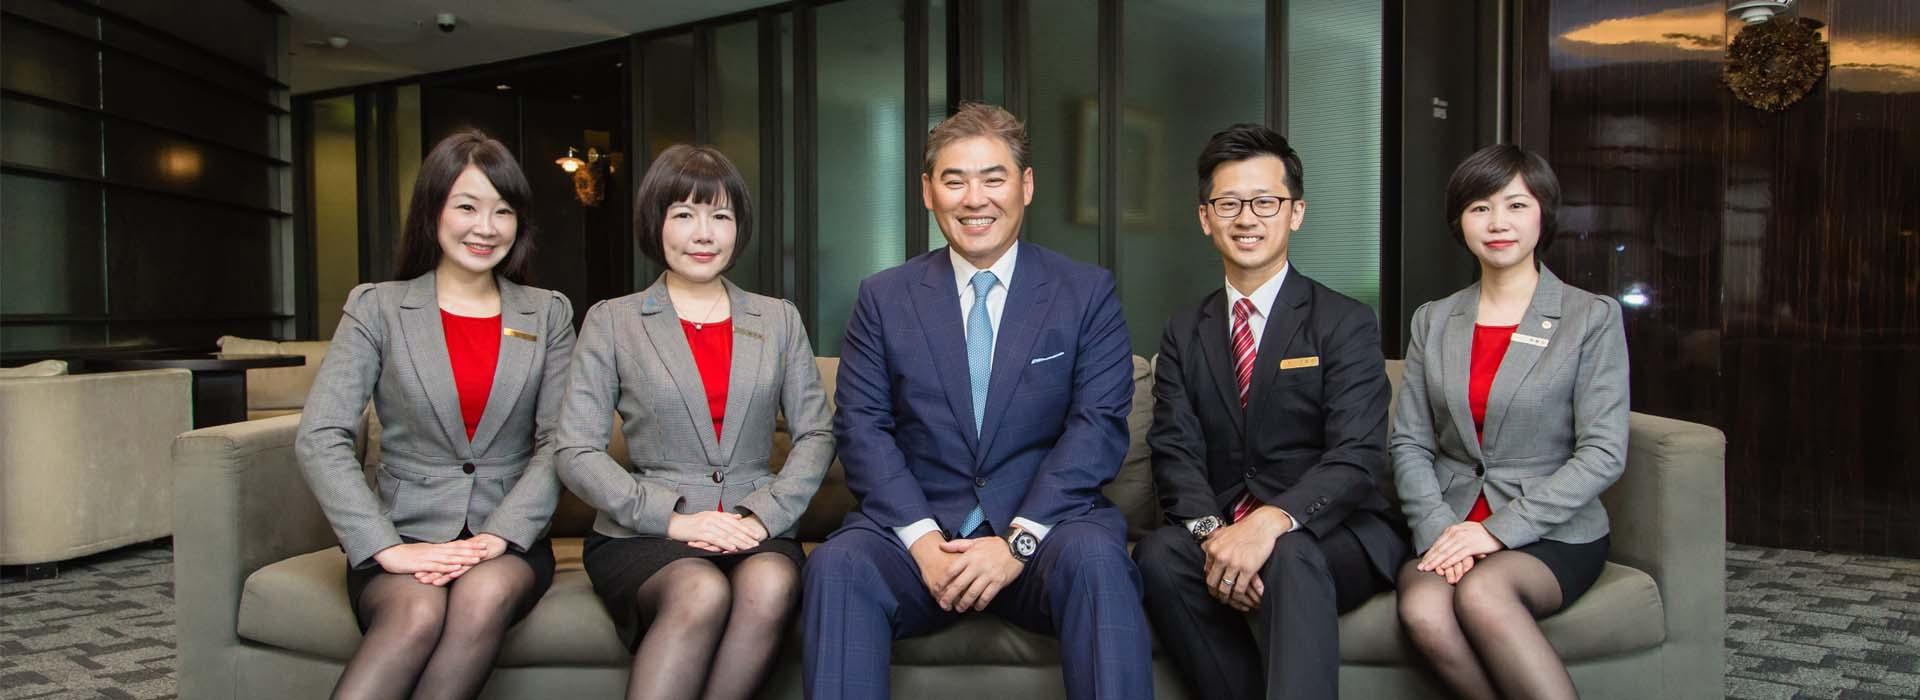 台新銀行財富管理 強調專業才能守護客戶資產